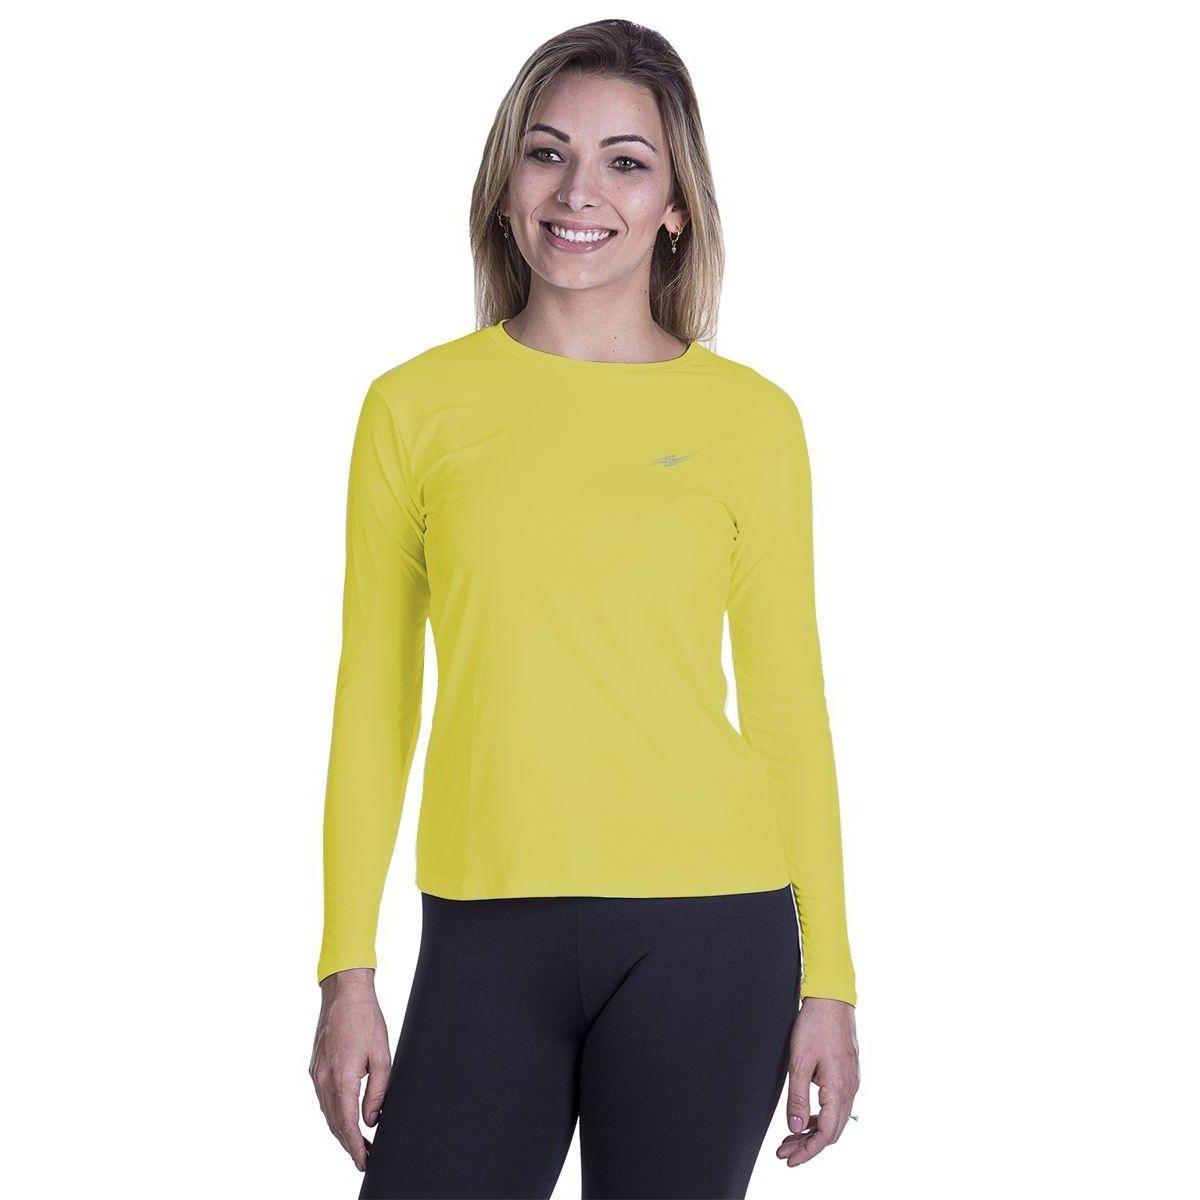 Amarelo Camiseta Proteção UV Camiseta Camiseta UV Proteção UV Camiseta Camiseta Amarelo Amarelo UV Proteção Amarelo Proteção PzqUzwd